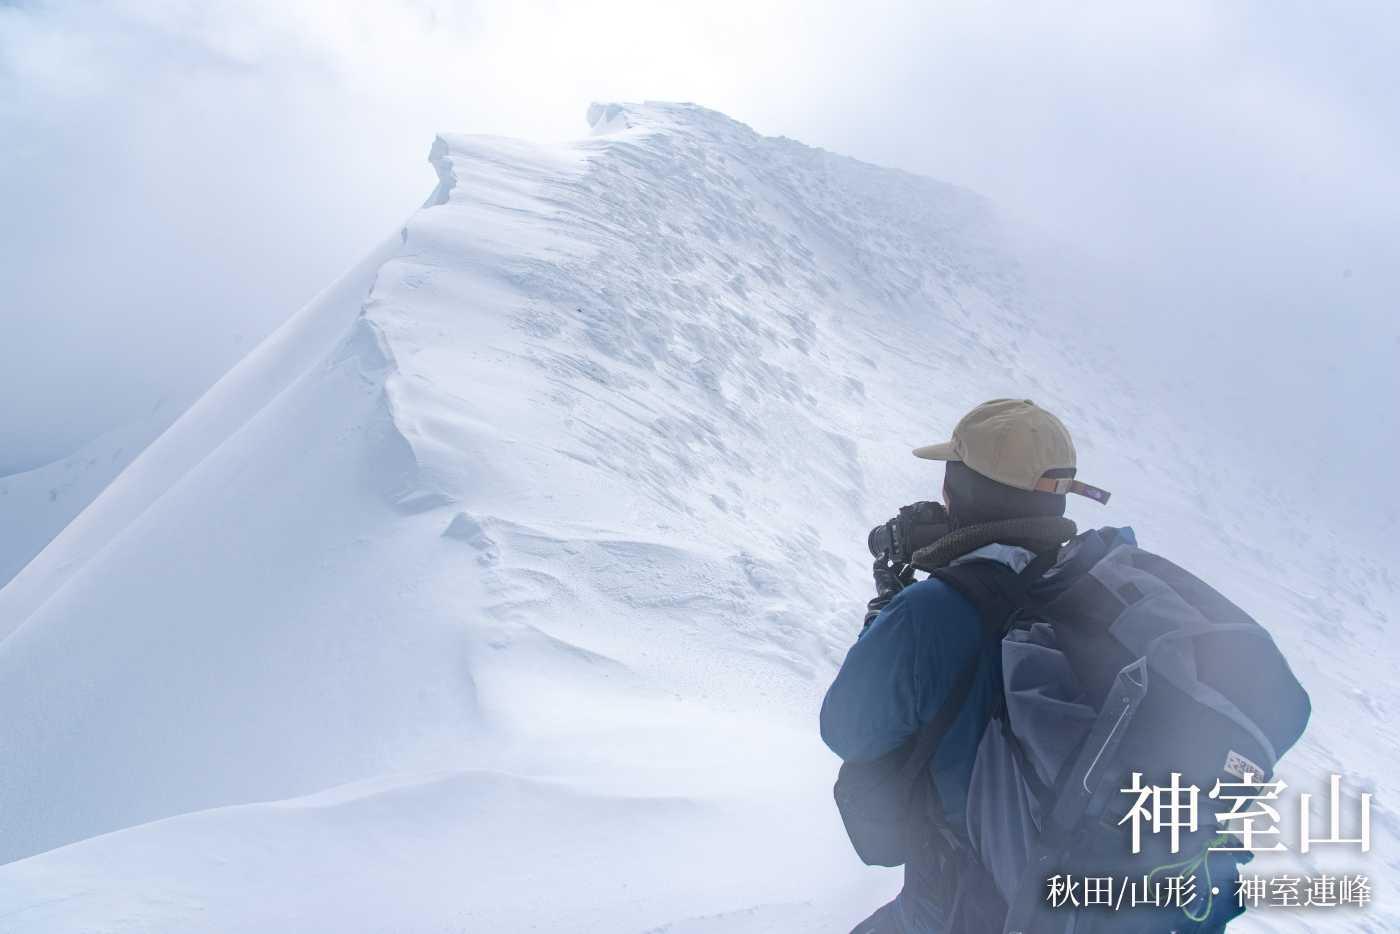 冬期神室連峰 Vol.2 役内~パノラマコース~前神室山~神室山(敗退)